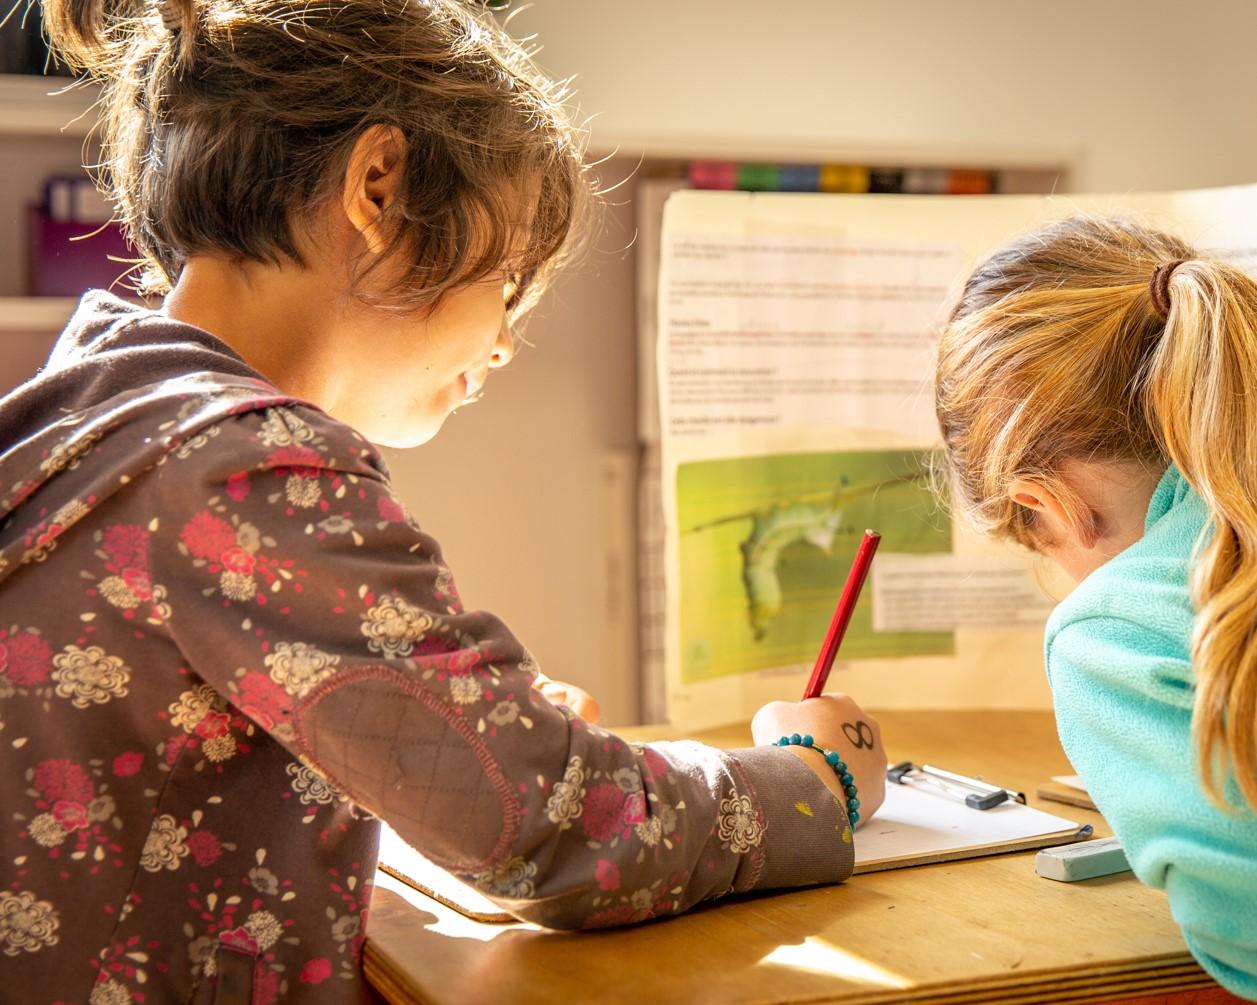 Petite fille en train d'écrire